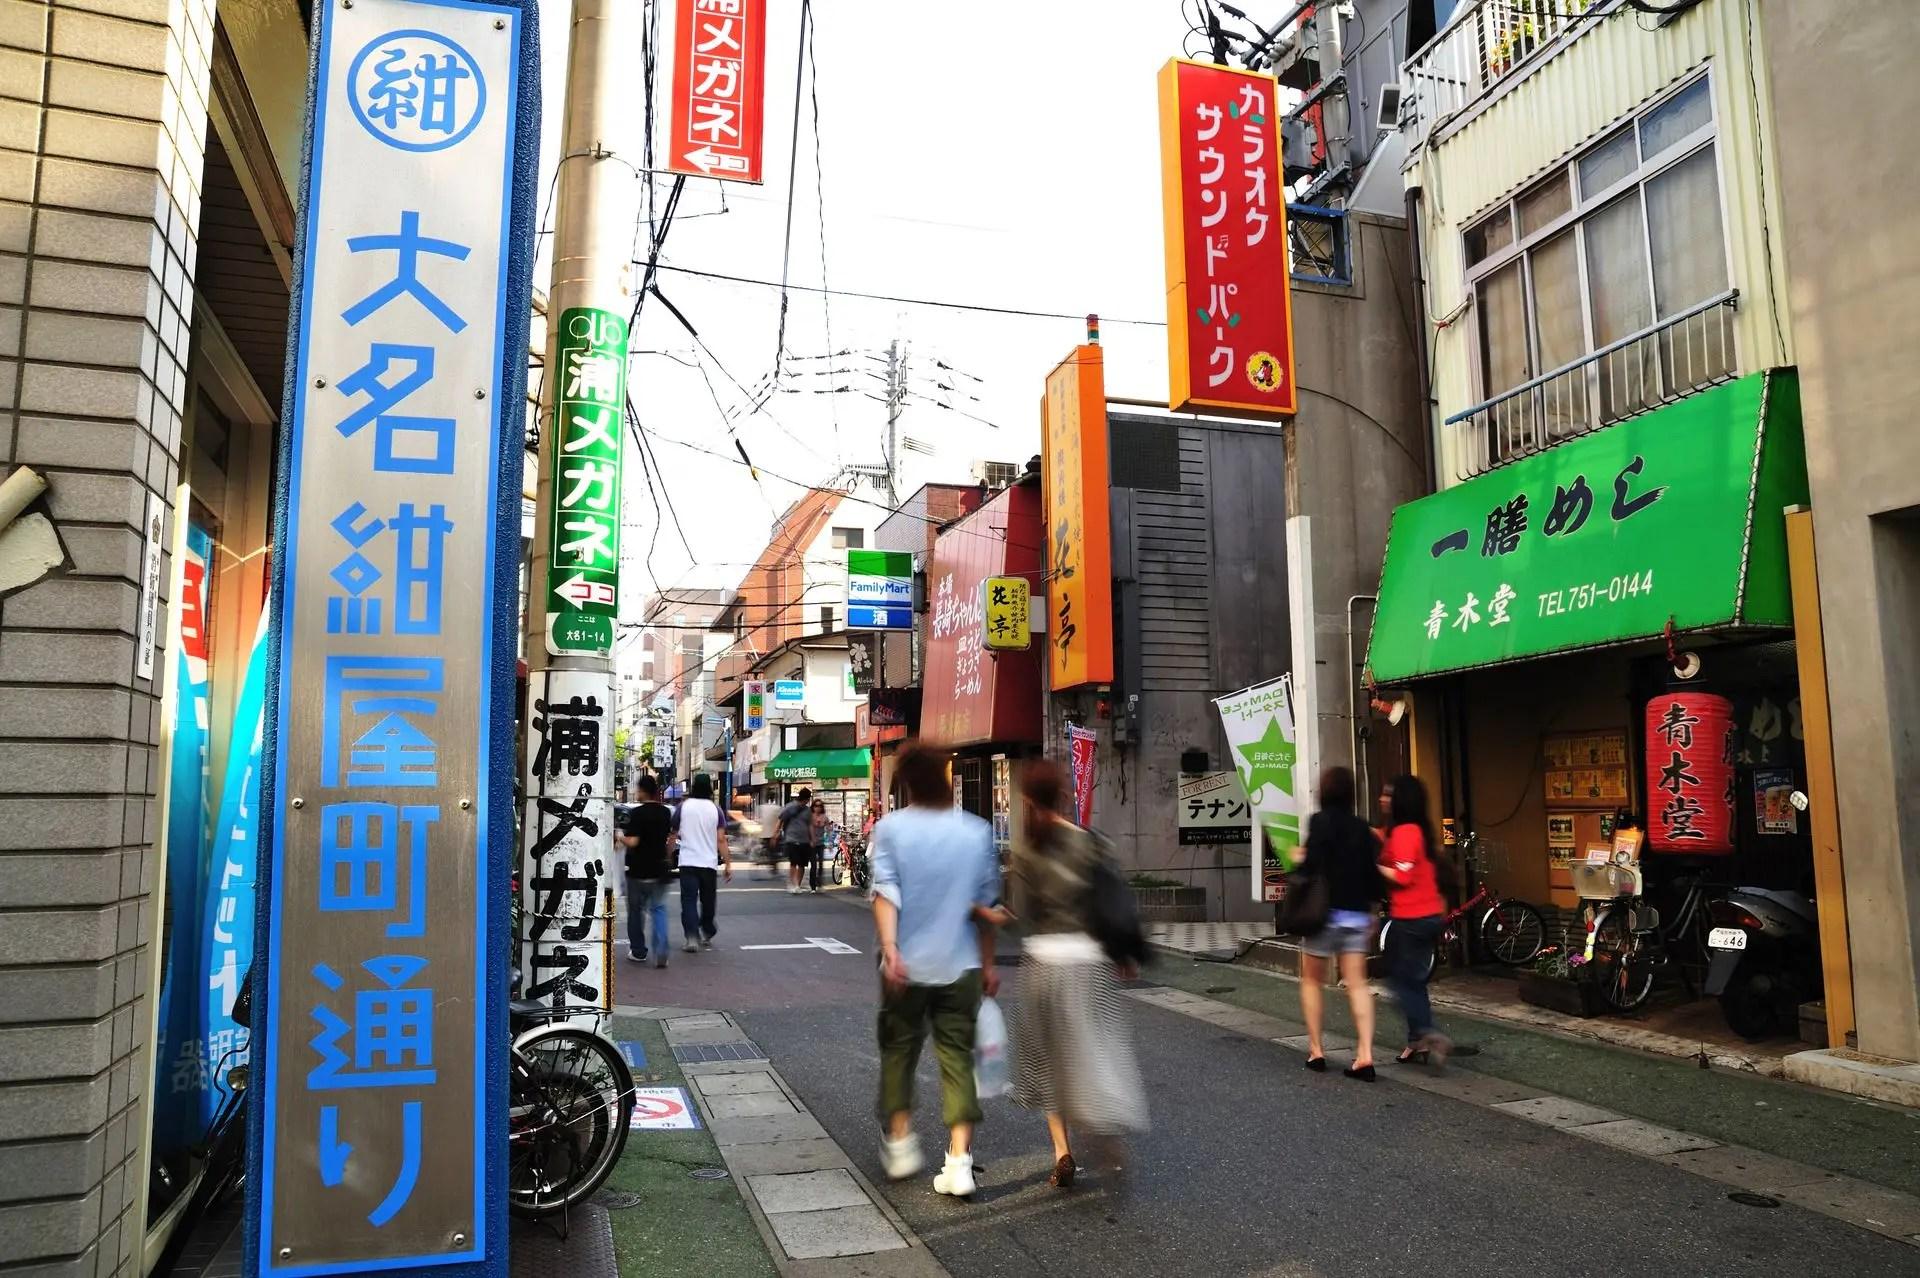 Provided by the City of Fukuoka